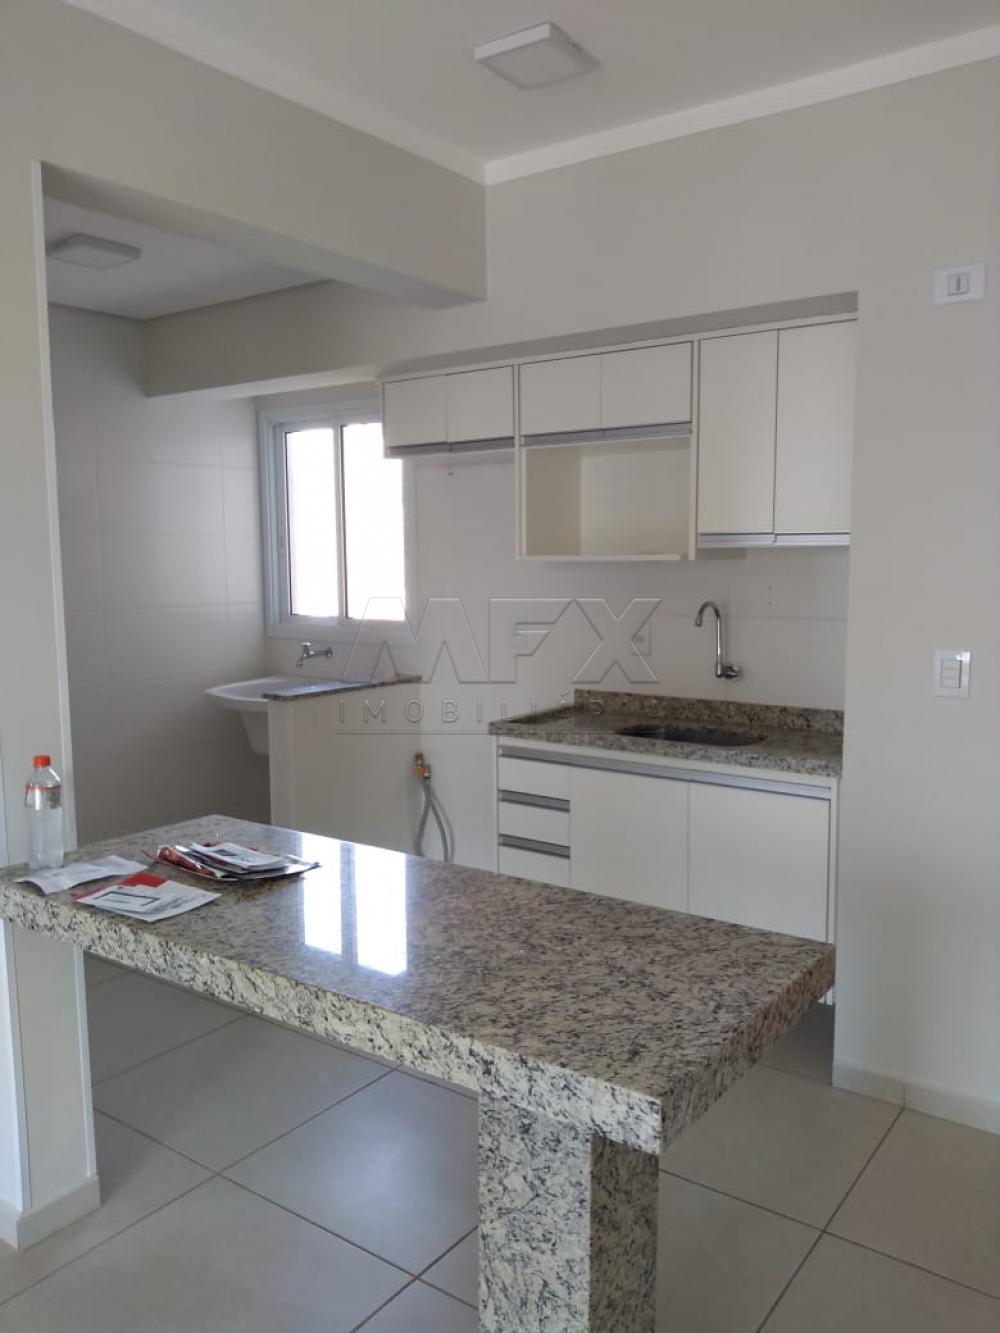 Comprar Apartamento / Padrão em Bauru apenas R$ 230.000,00 - Foto 1